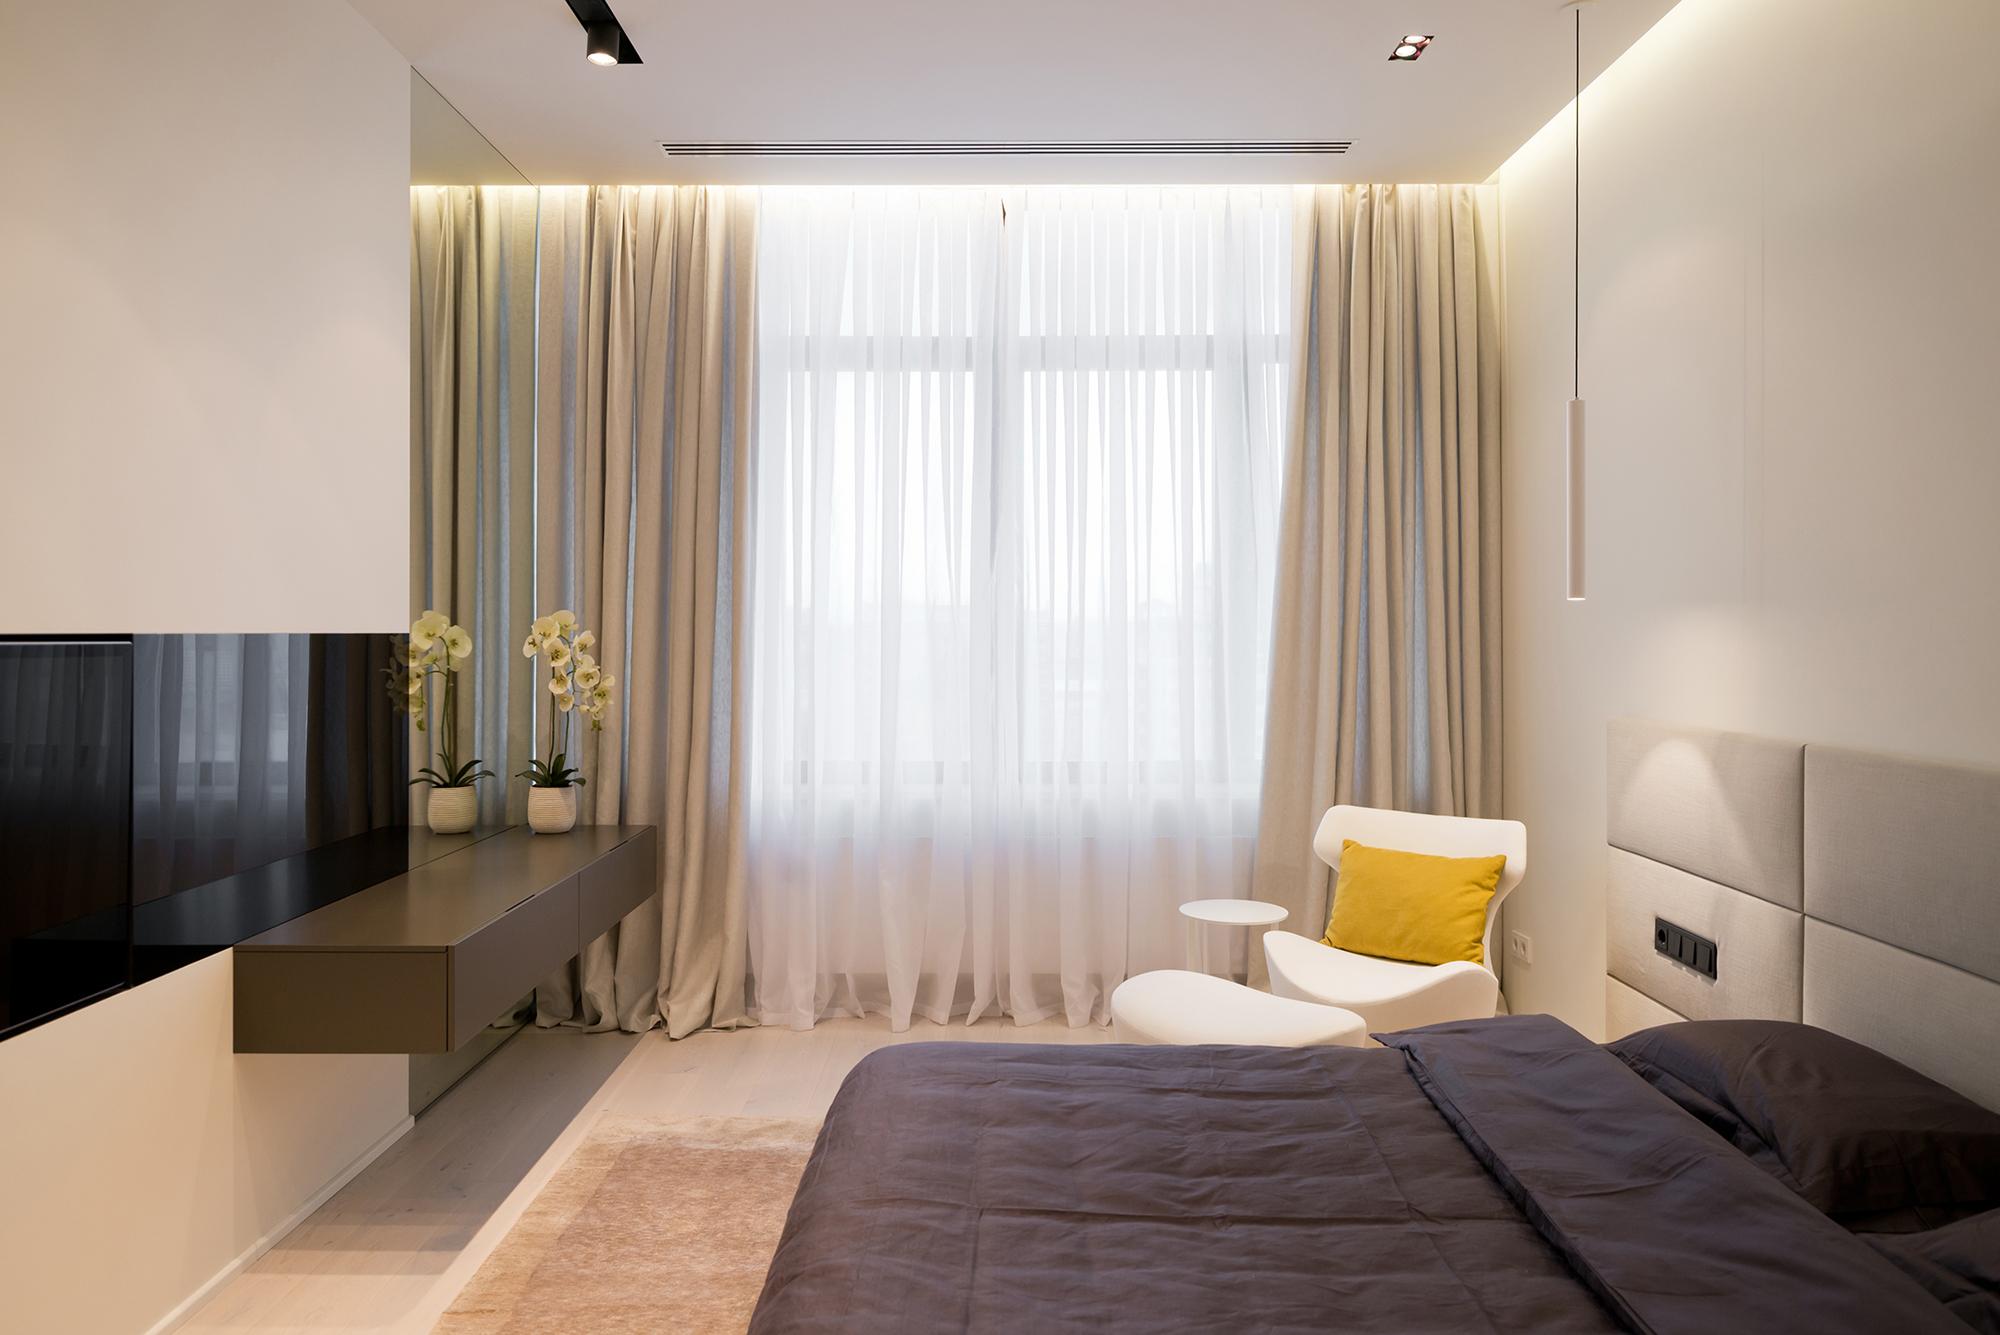 Дизайн интерьера квартиры штор